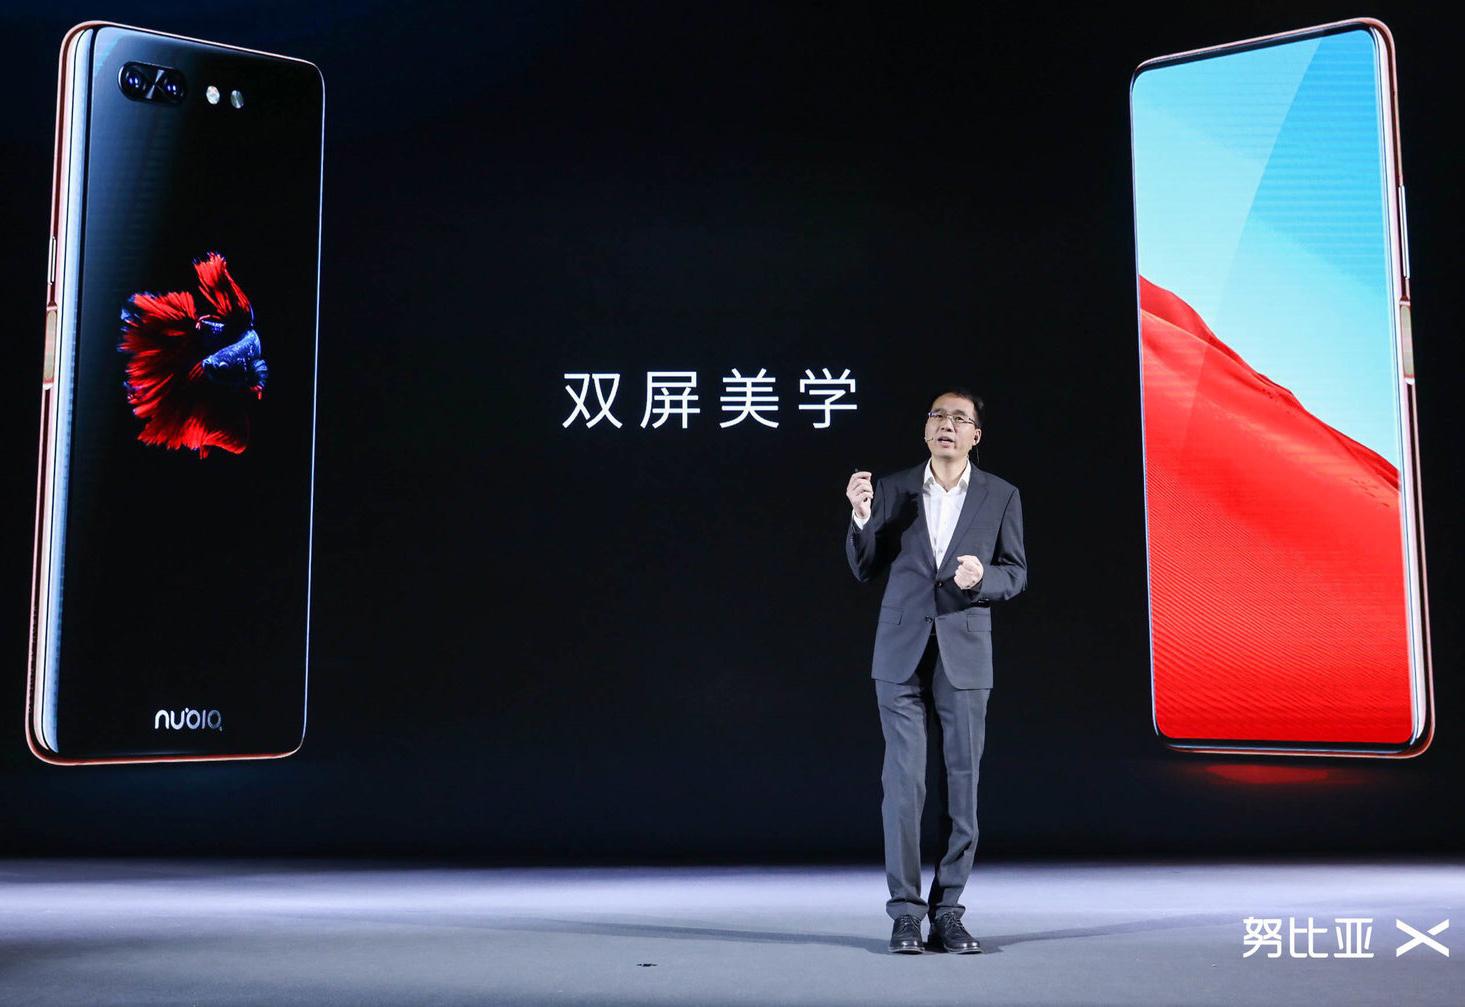 努比亚 X 手机发布:前后双屏成亮点